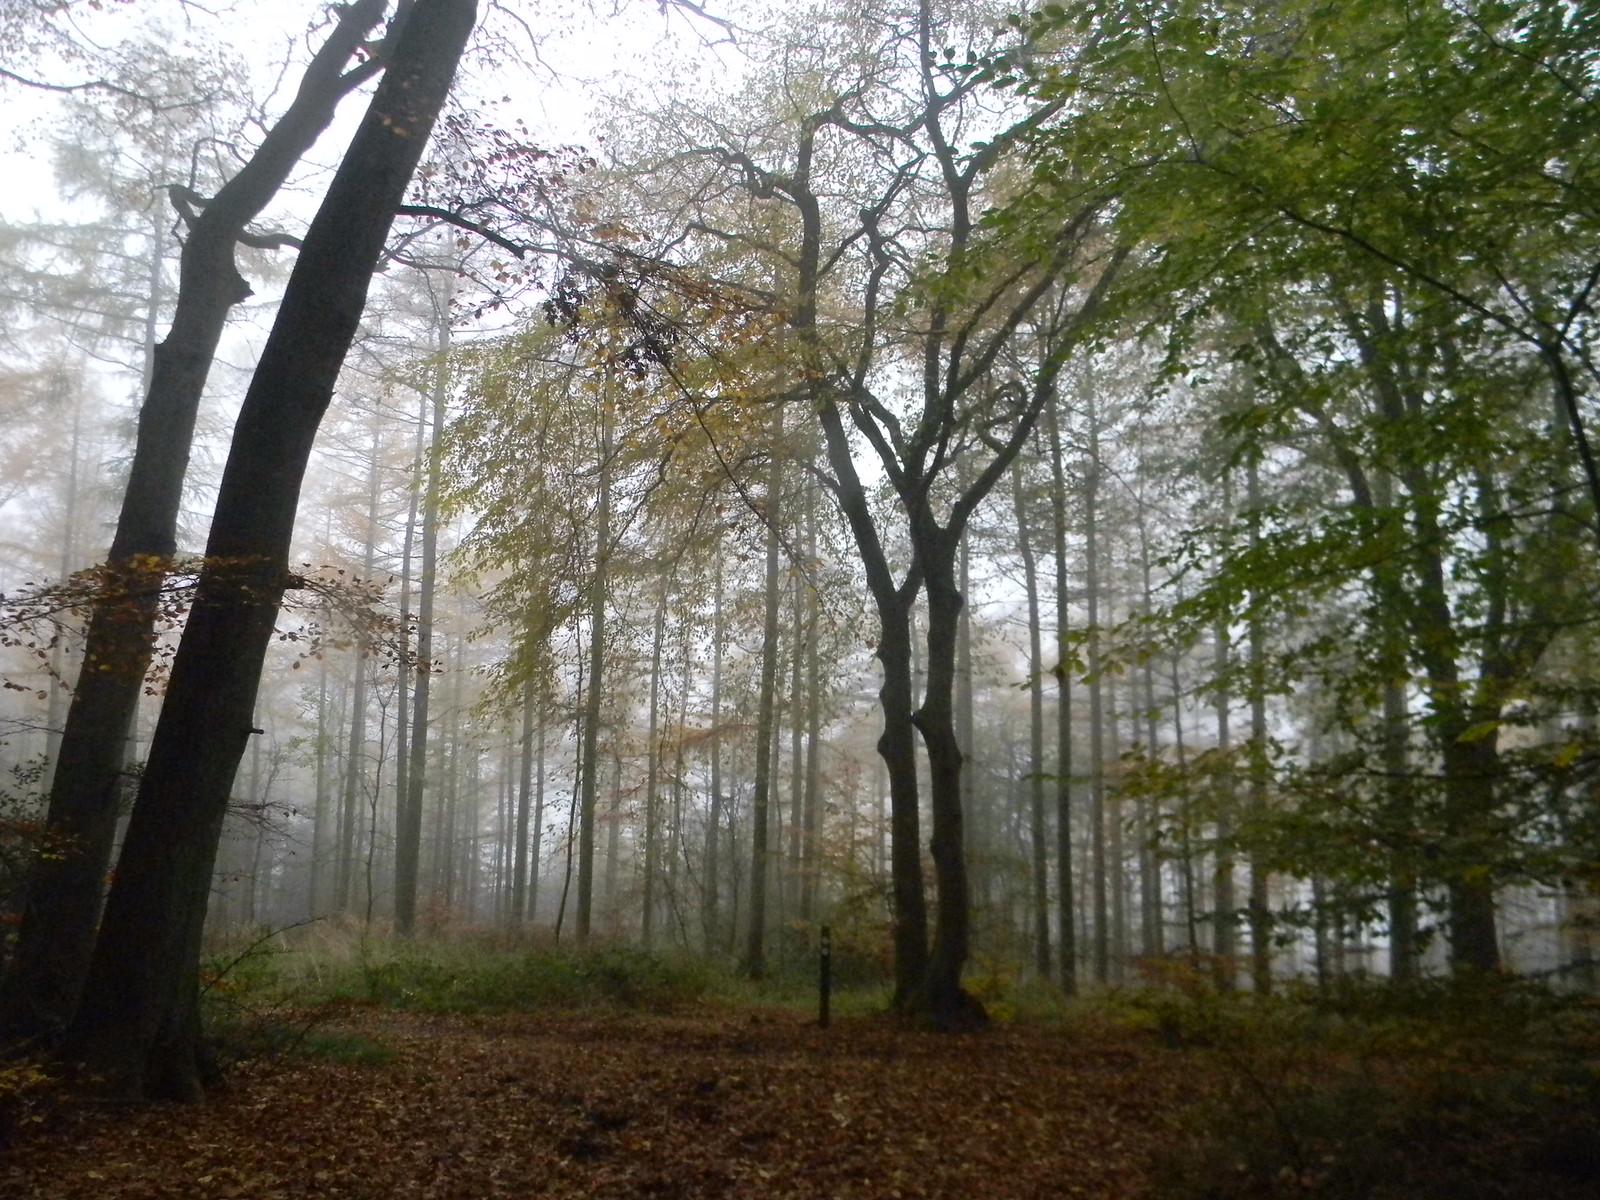 Mist in the trees Little Kimble to Saunderton